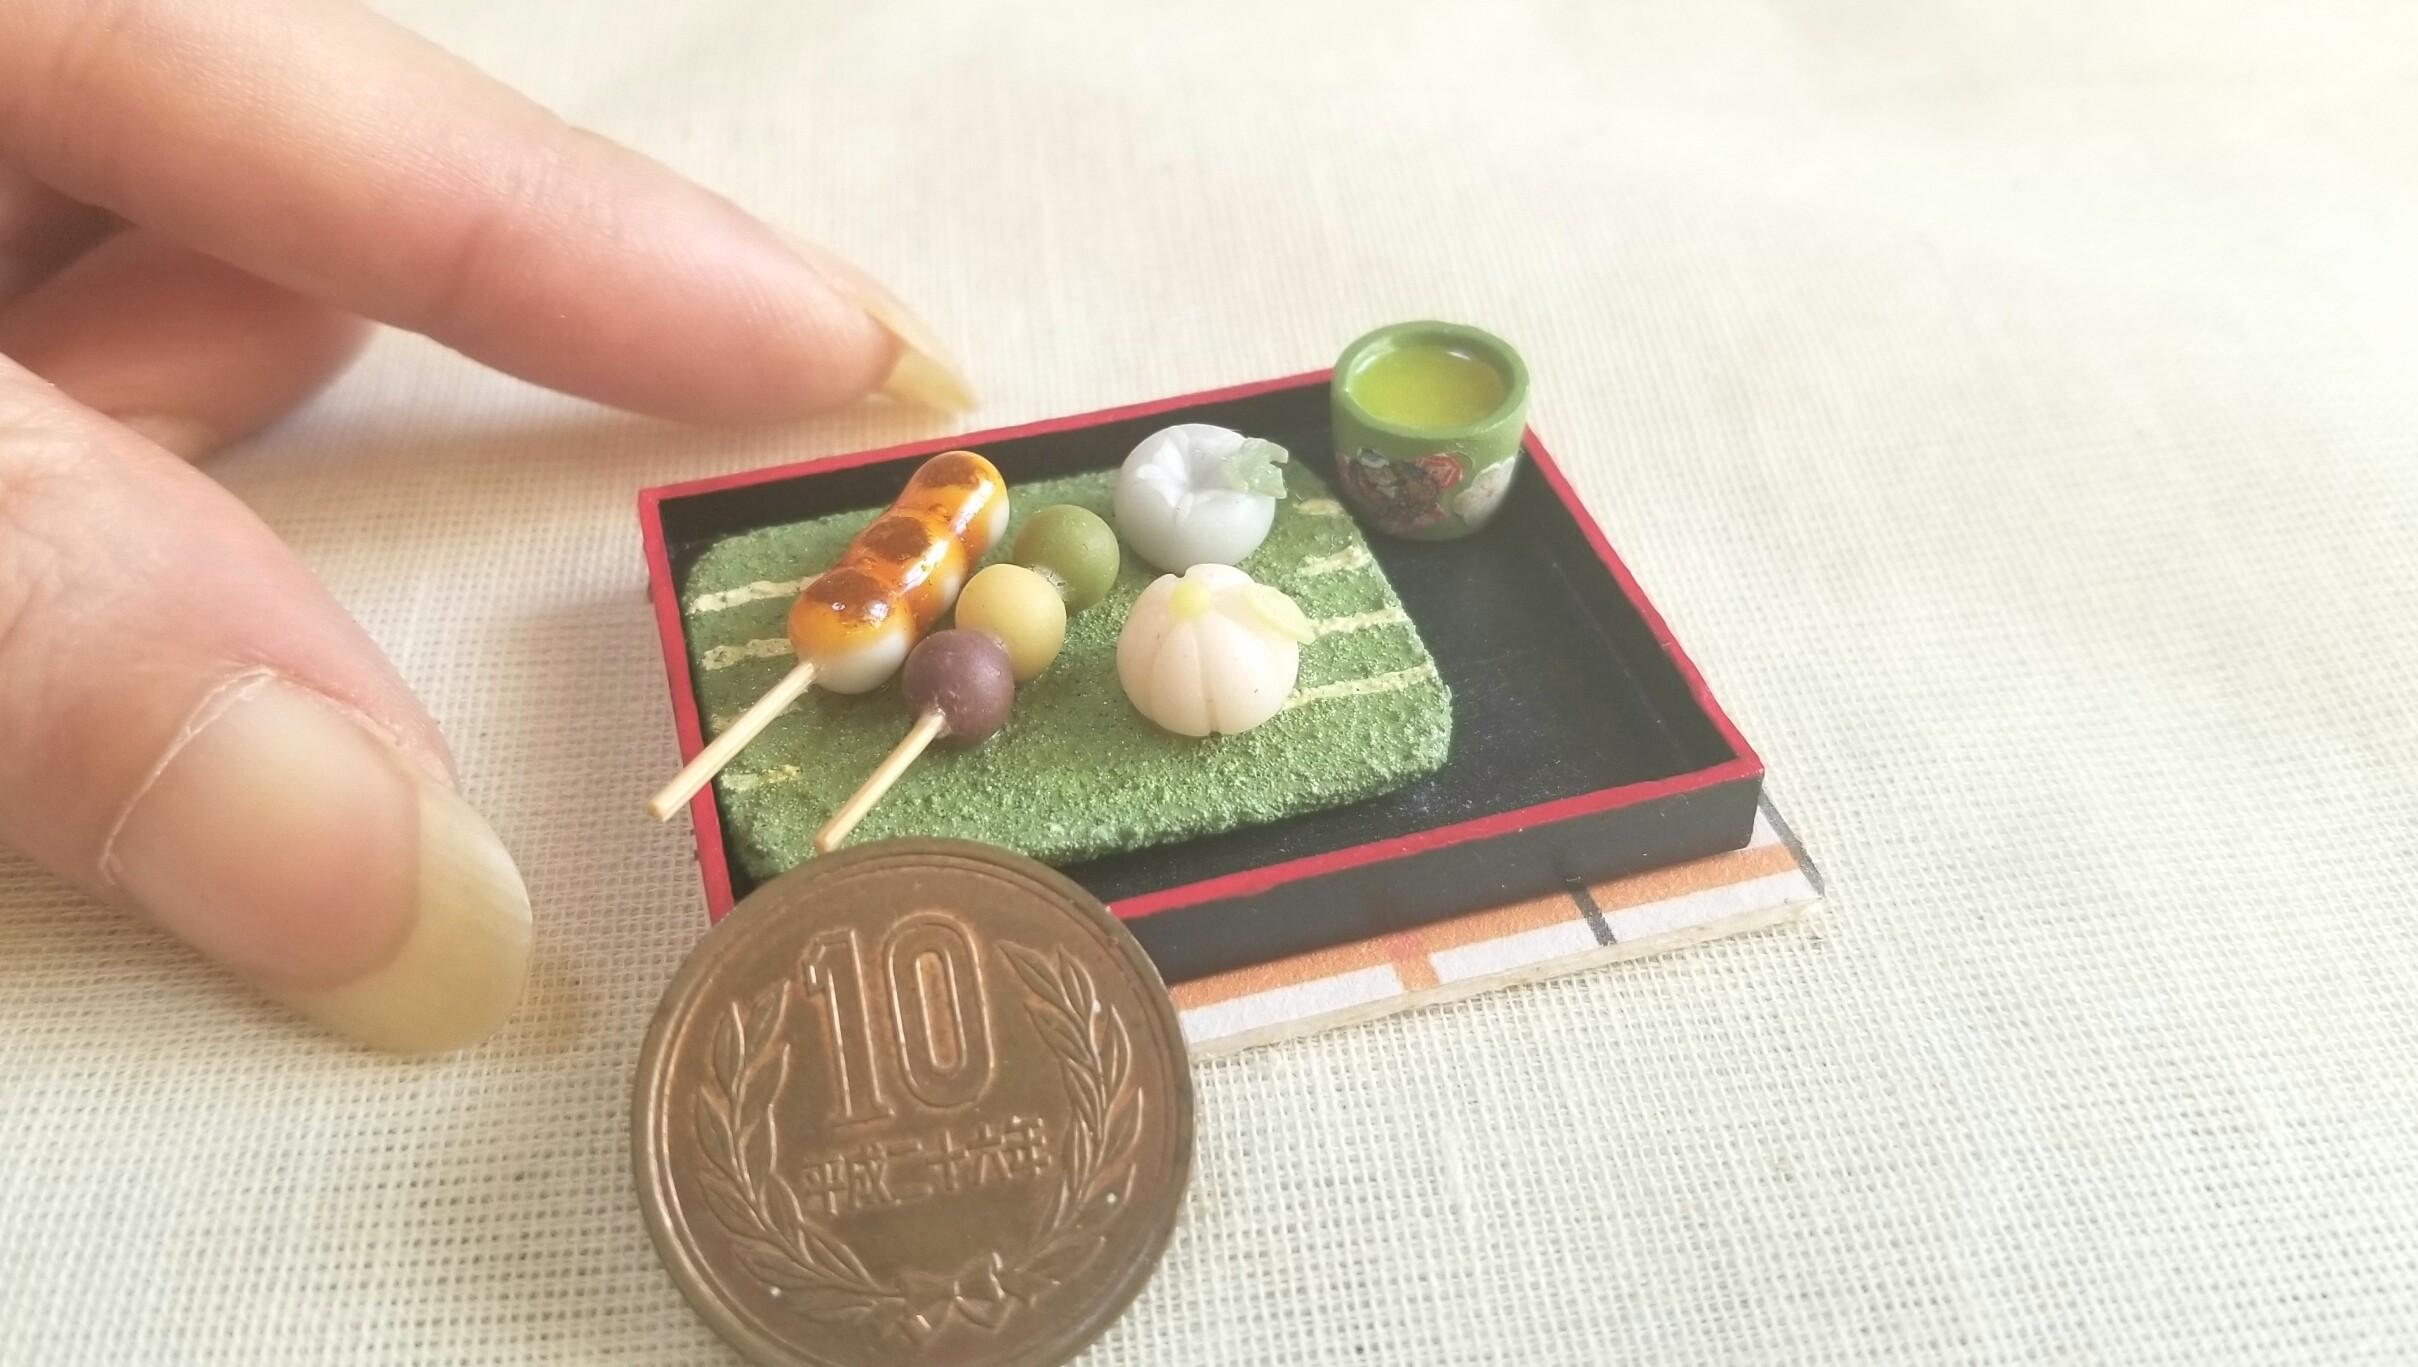 愛媛県名物甘味土産坊っちゃん団子ミニチュアフード作家おすめ和菓子